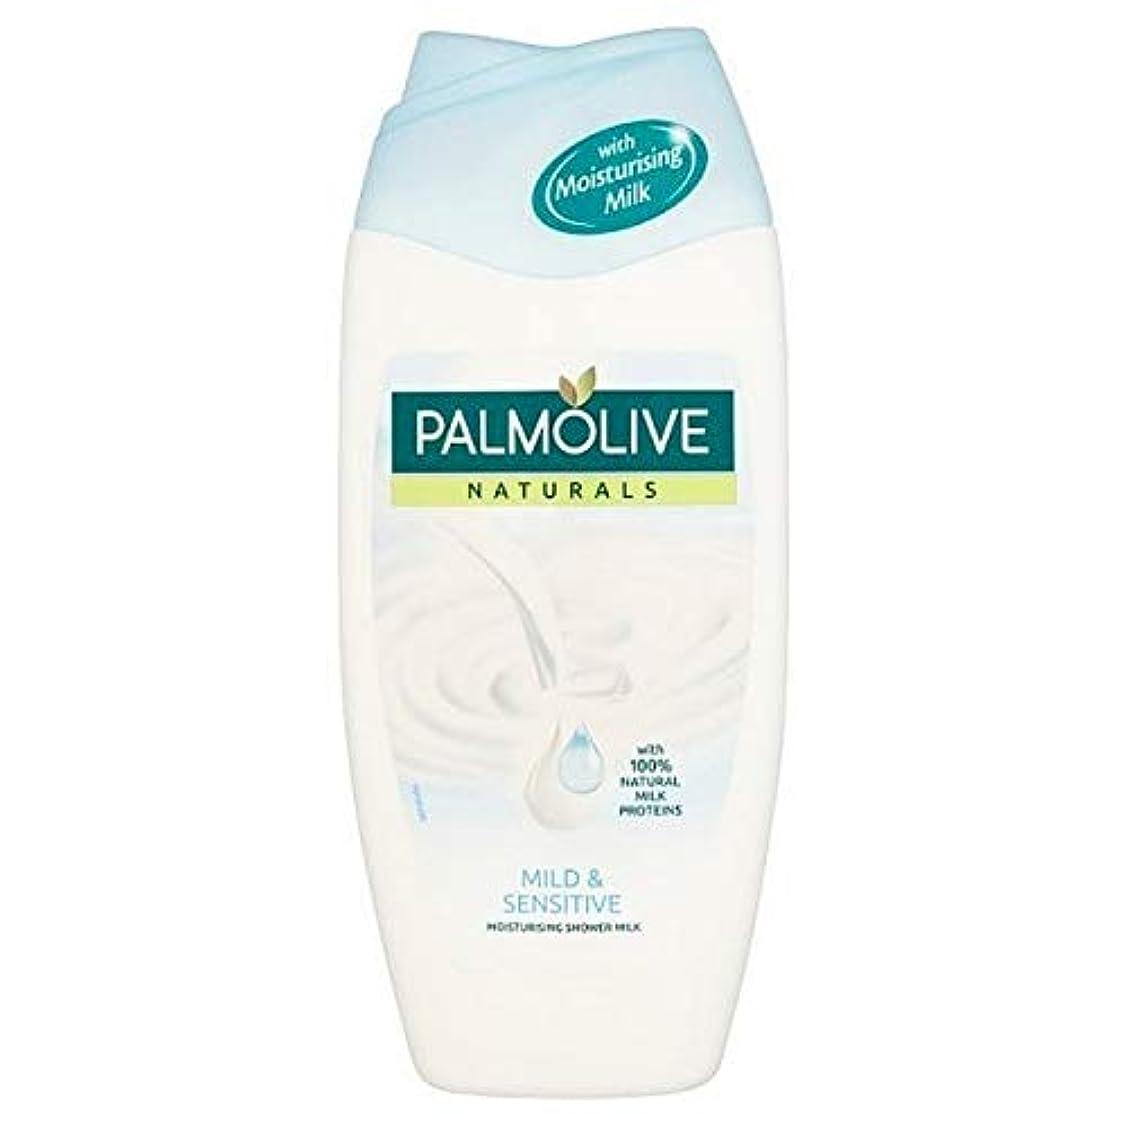 長老トラクターほのか[Palmolive ] パルモライブナチュラル敏感肌シャワージェルクリーム250ミリリットル - Palmolive Naturals Sensitive Skin Shower Gel Cream 250ml [並行輸入品]